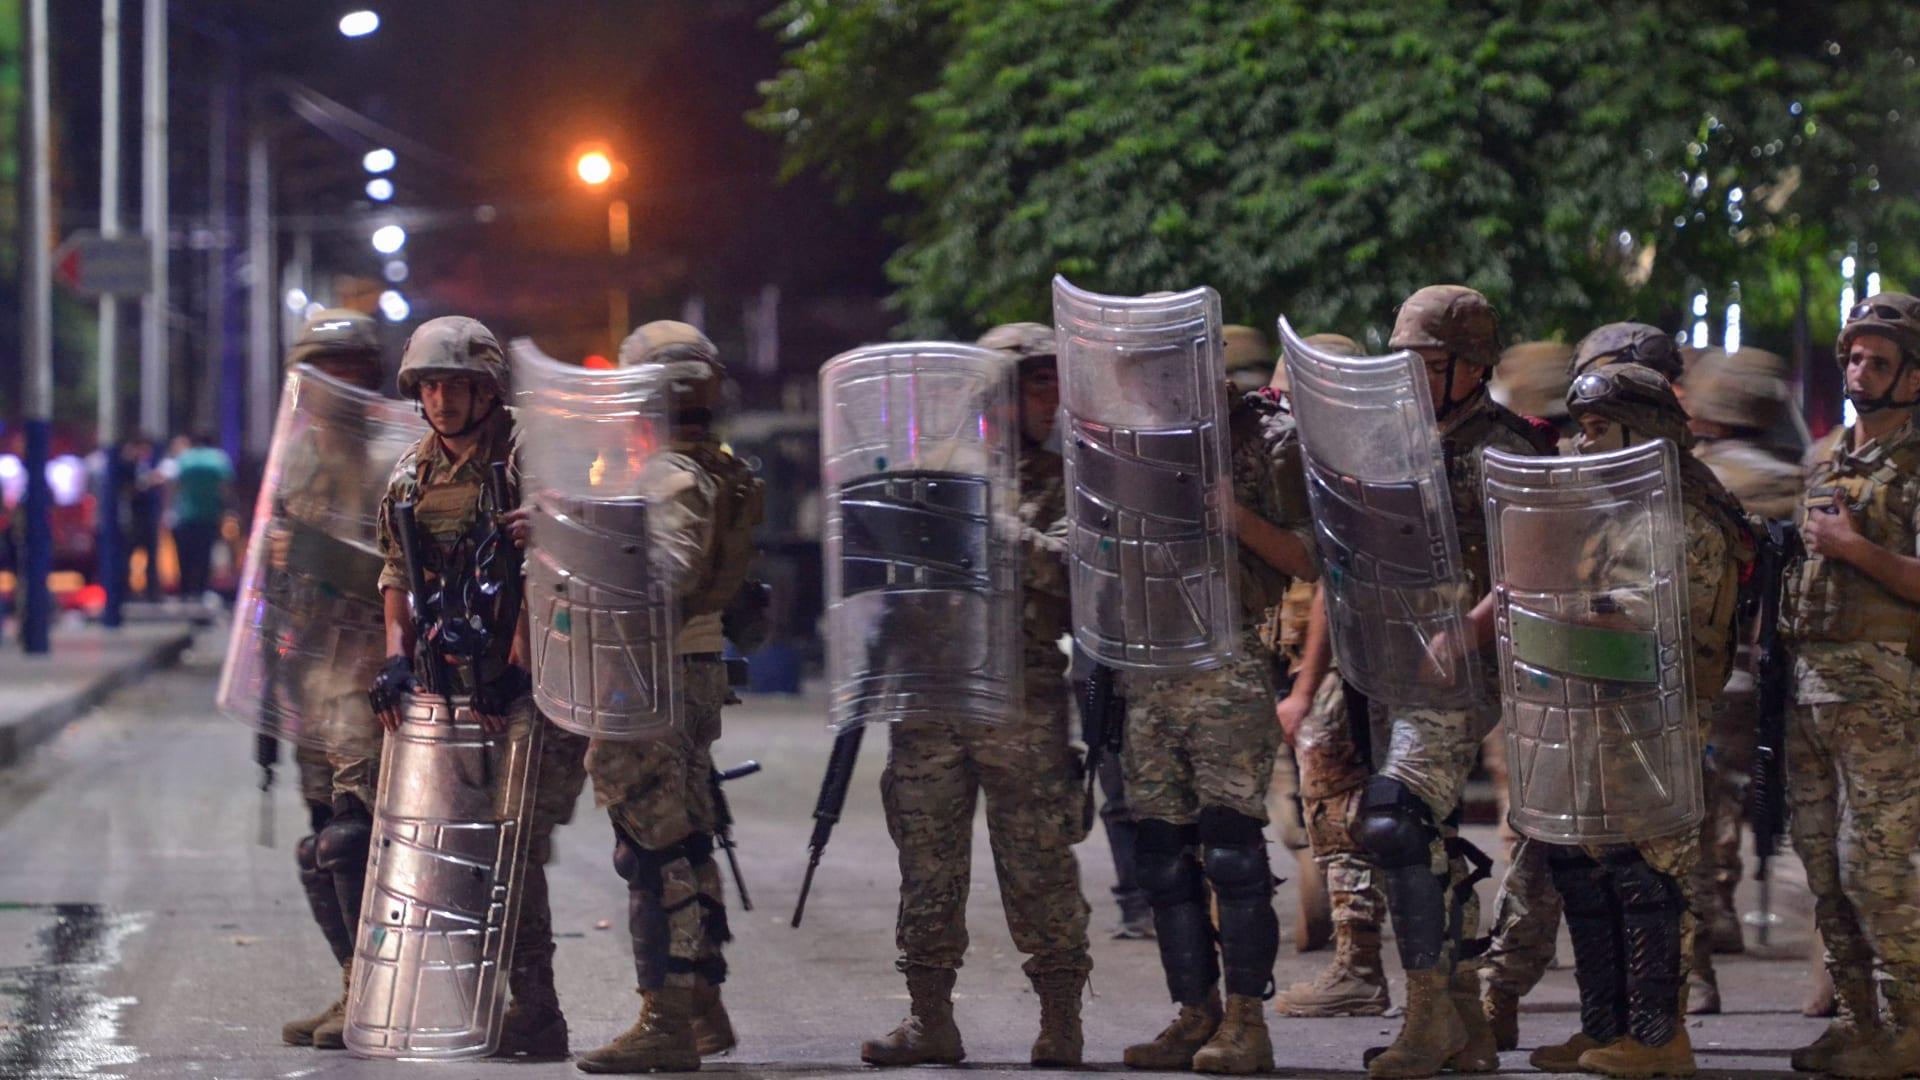 اشتباكات بين جنود الجيش اللبناني ومحتجين مناهضين للحكومة في مدينة طرابلس الساحلية الشمالية، أواخر يوم 13 يونيو 2020